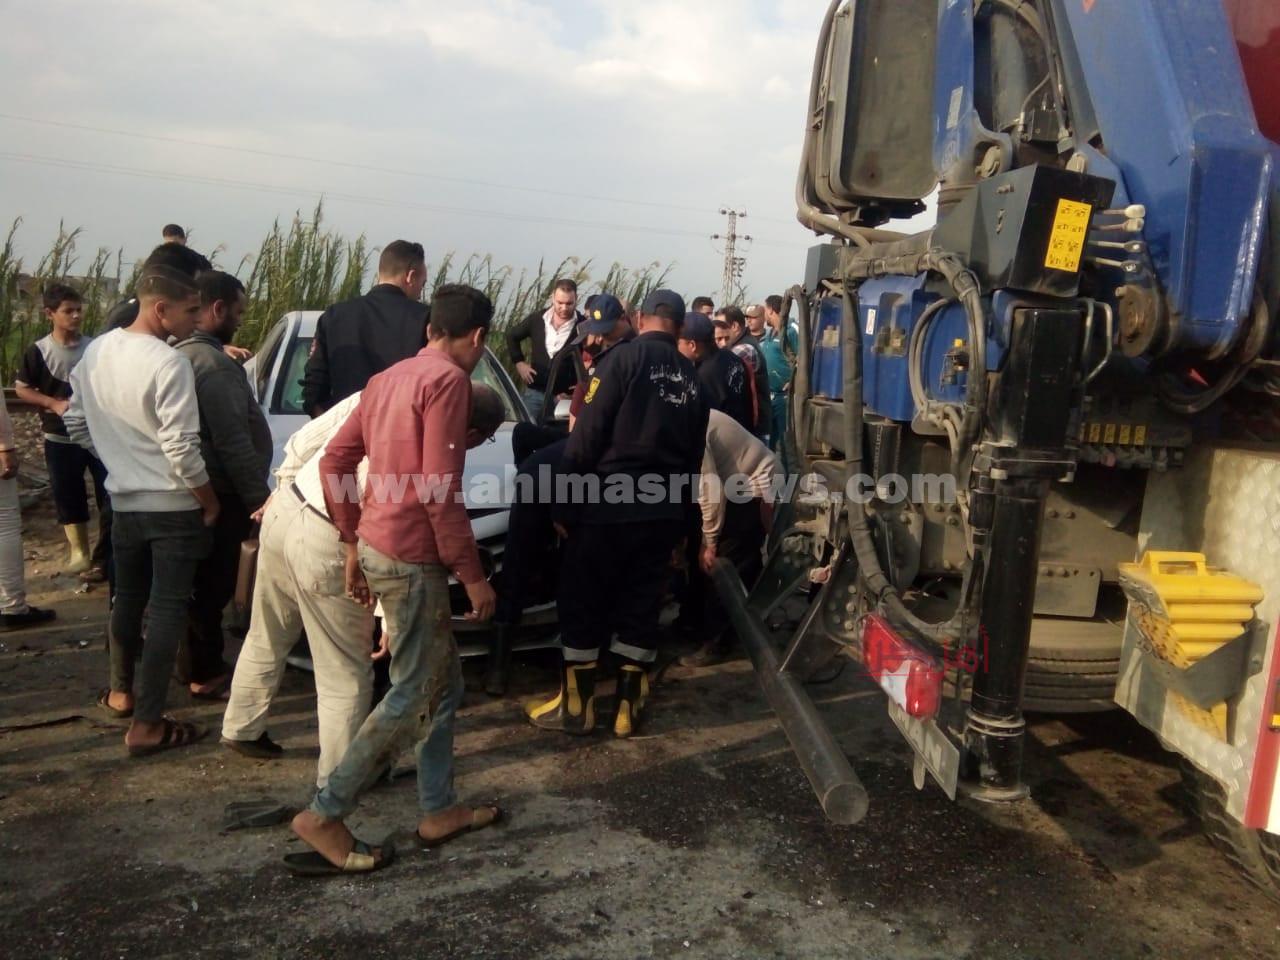 مصرع وإصابة 3 أشخاص بحادث انقلاب سيارة بالبحيرة